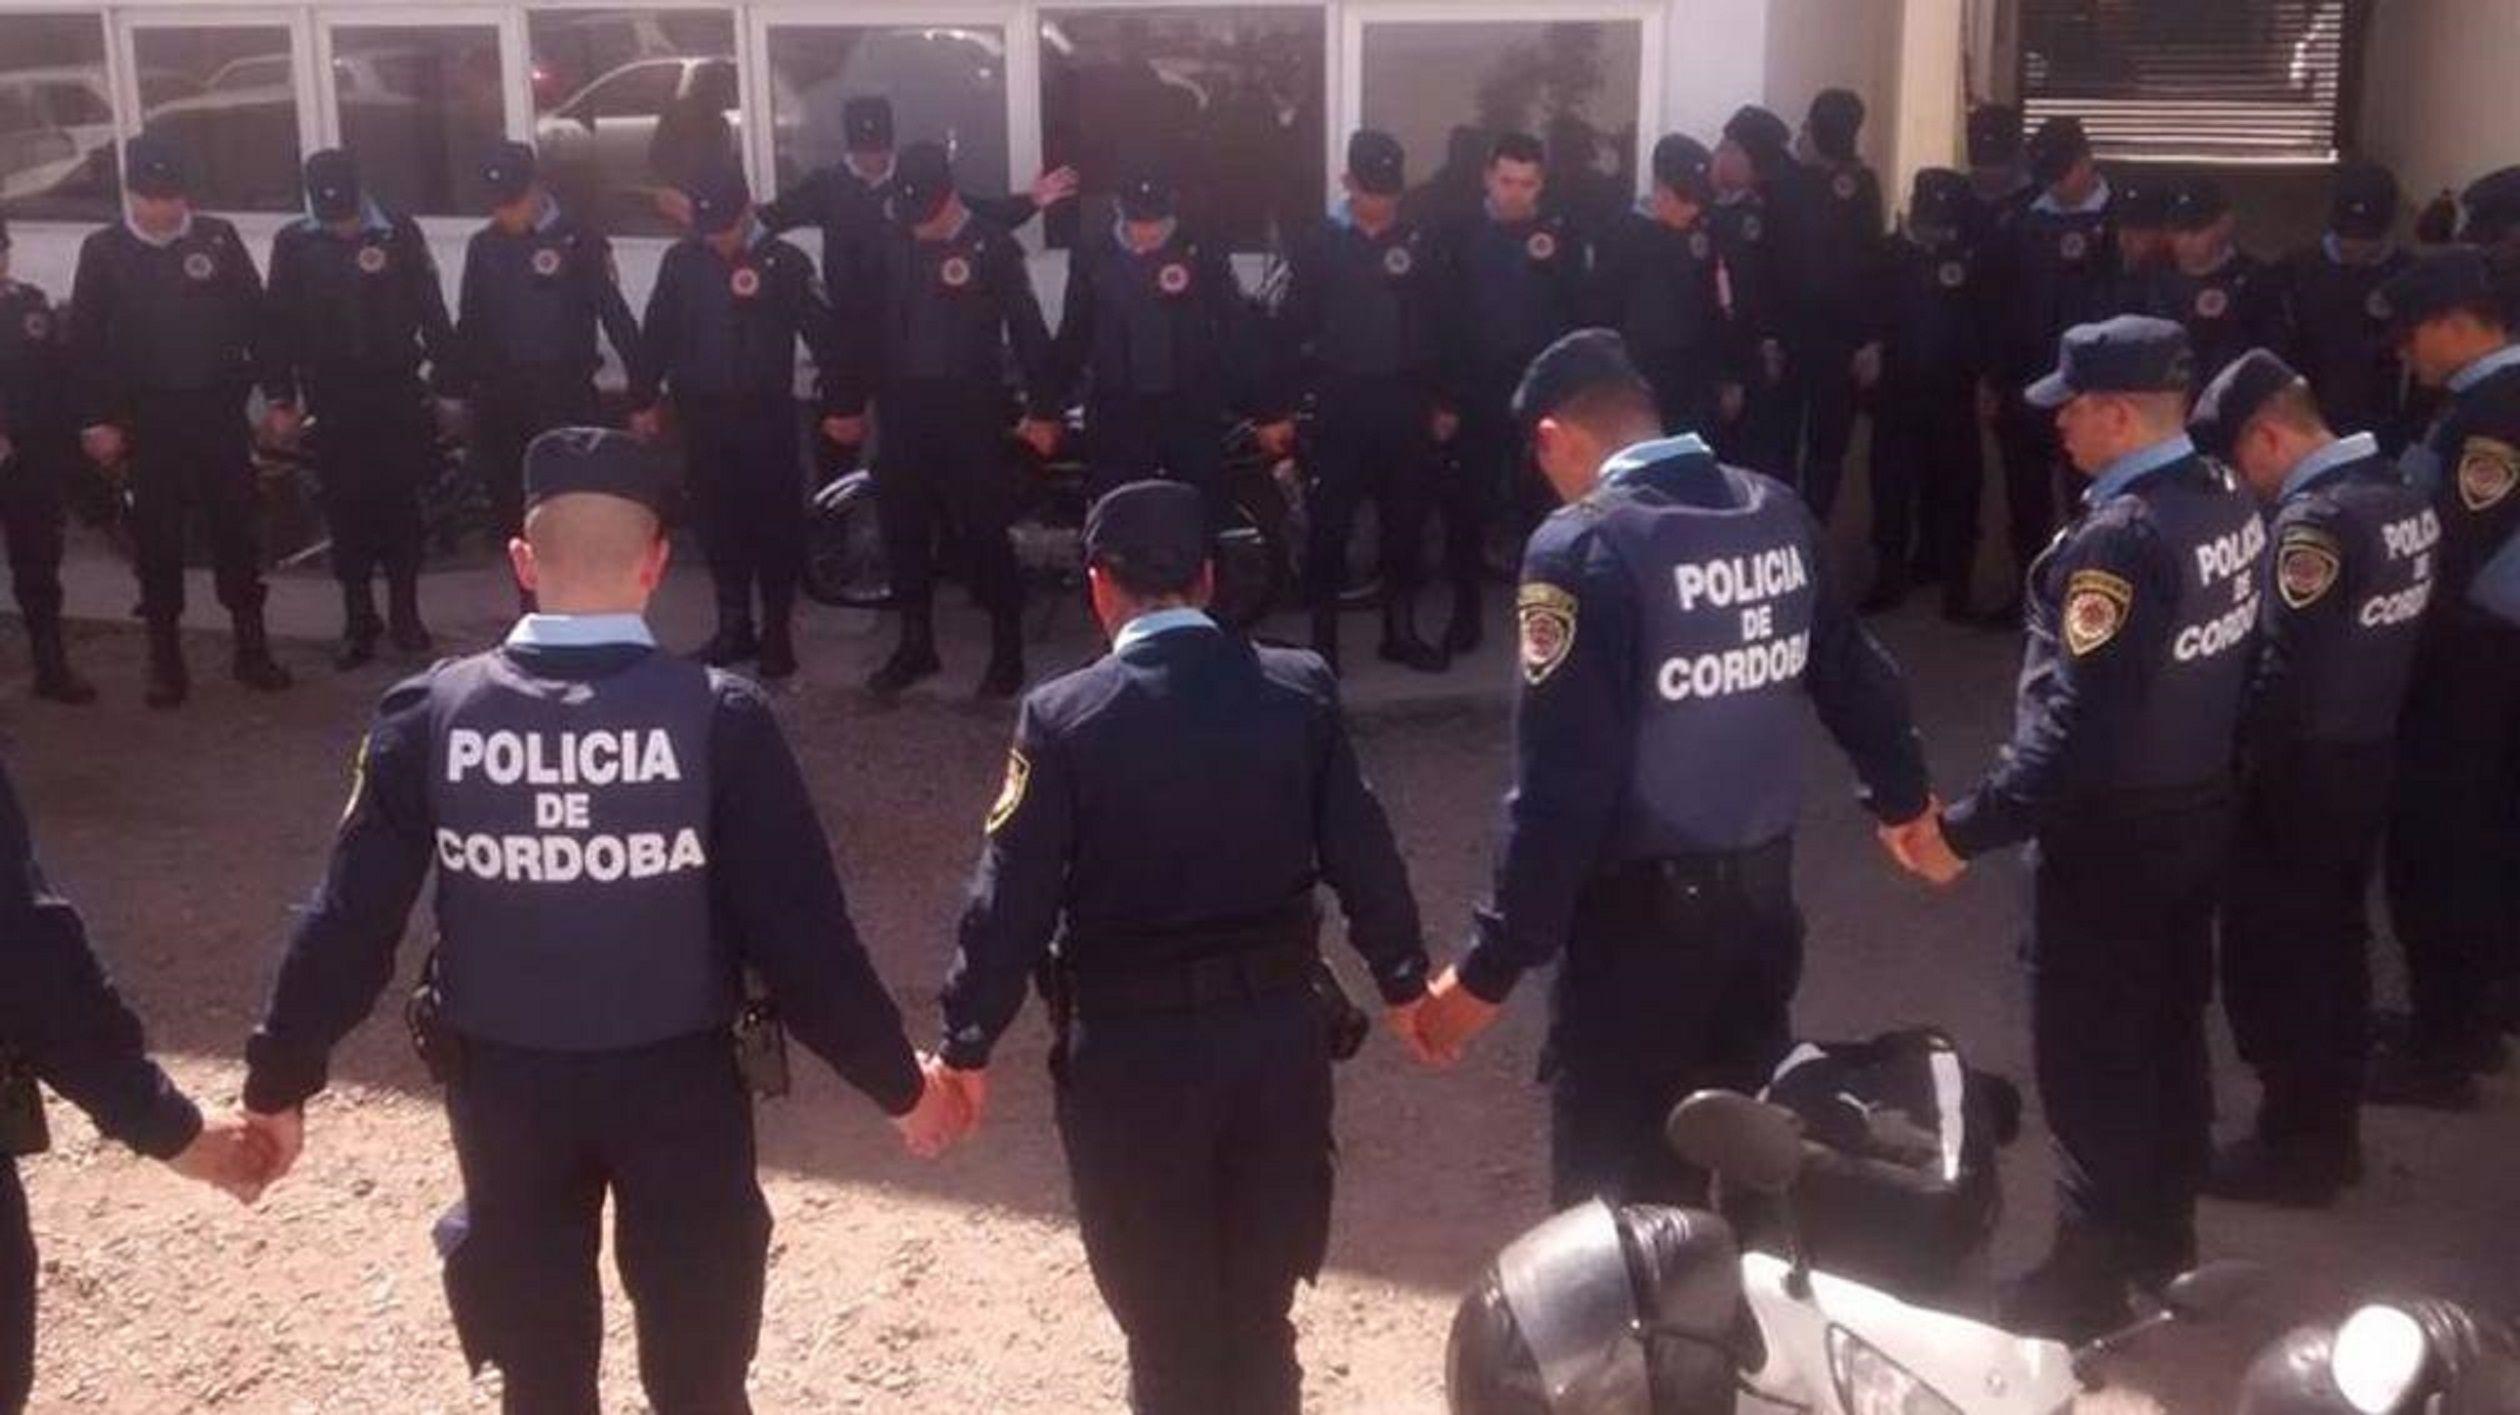 La  foto de policías rezando antes de salir a patrullar que se viralizó en las redes